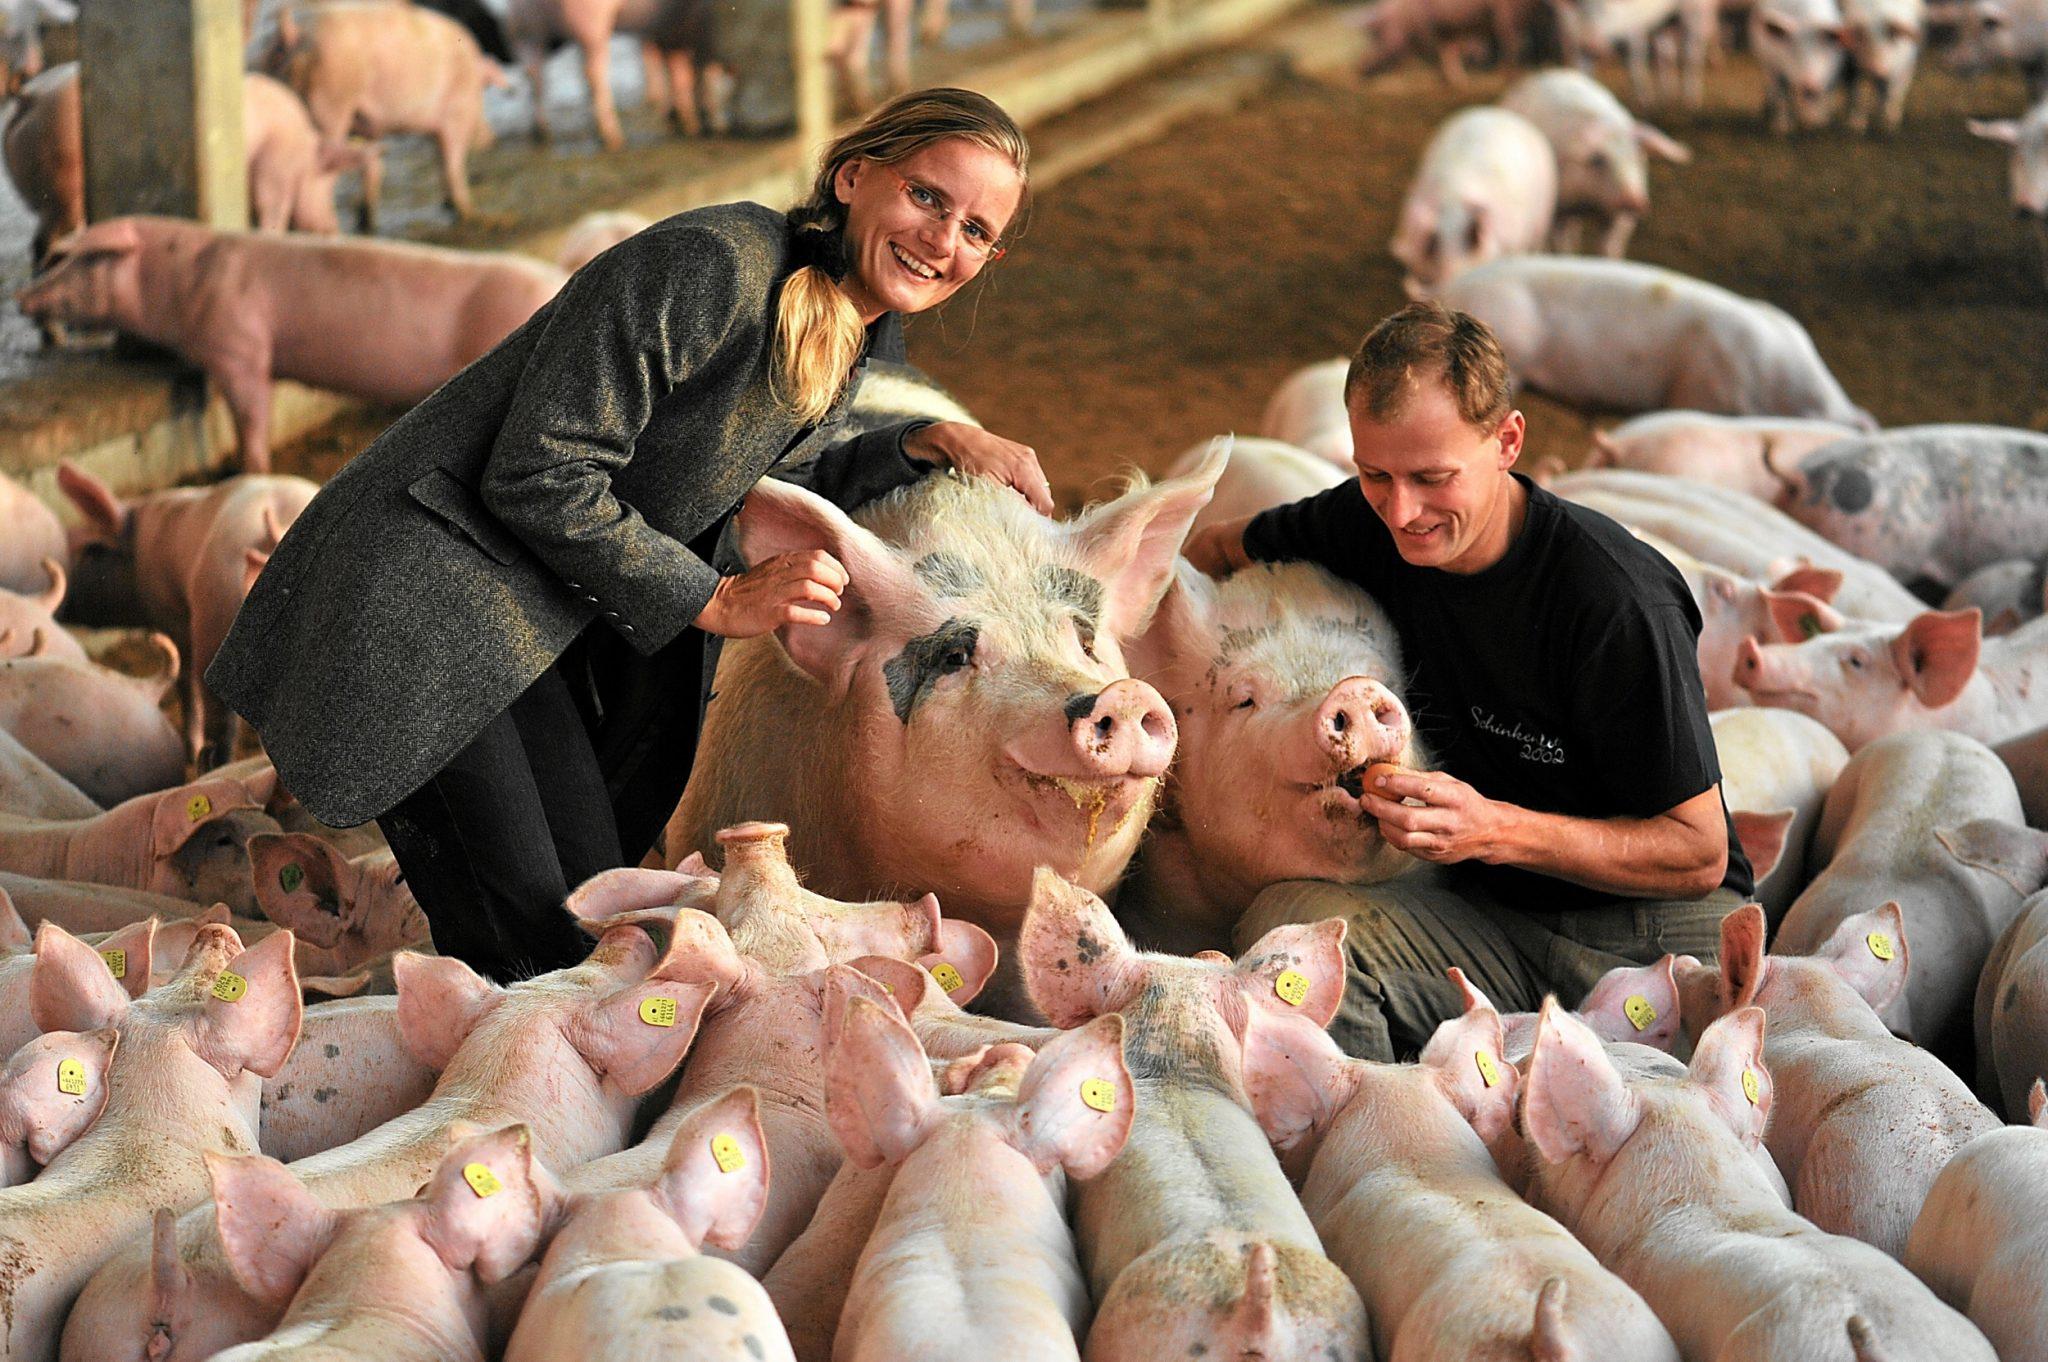 Mann, Frau und eine Herde Schweine